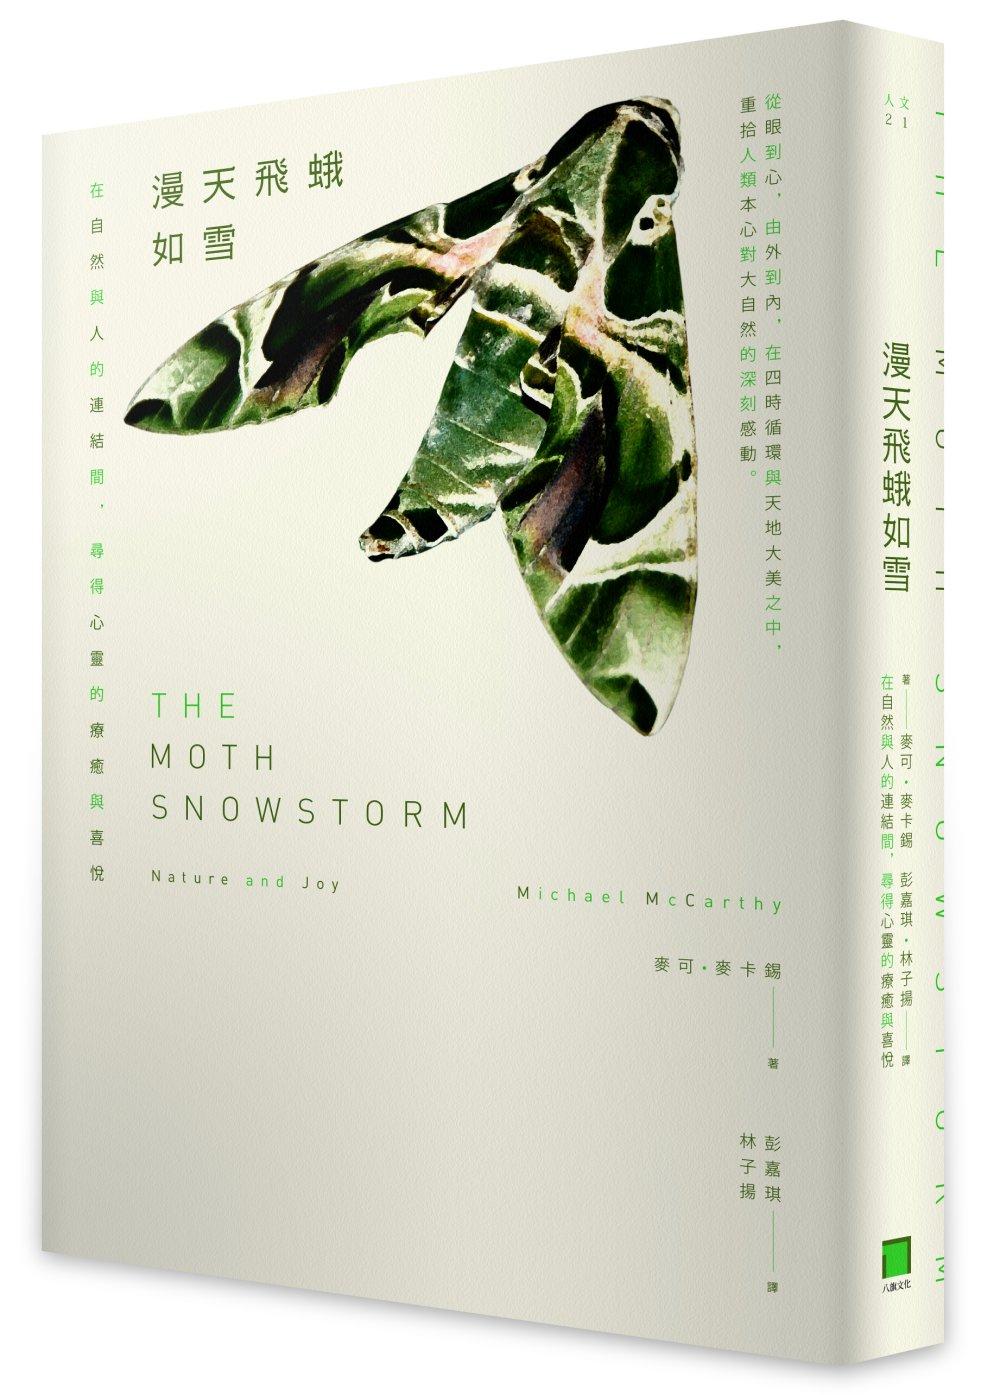 漫天飛蛾如雪: 在自然與人的連結間,尋得心靈的療癒與喜悅